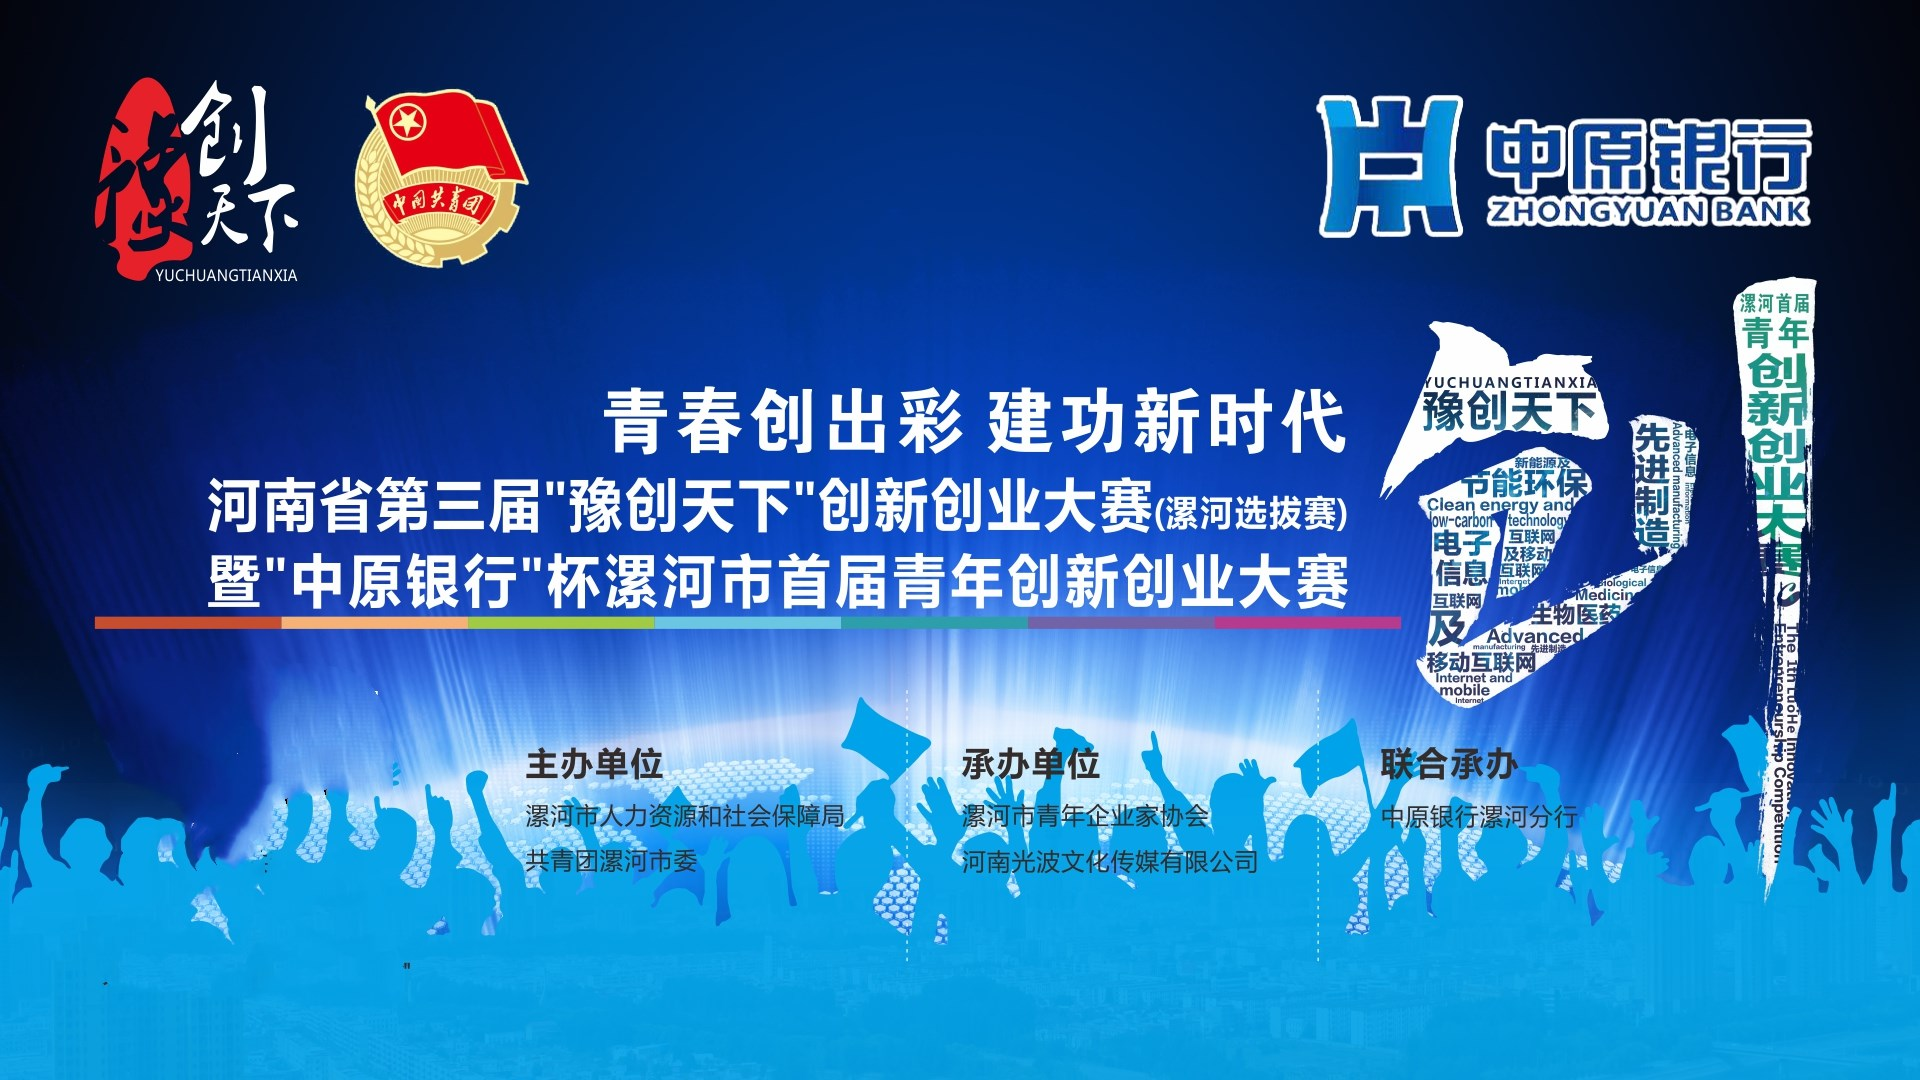 漯河市青创大赛完美收官,导师分组赛制创新引热议